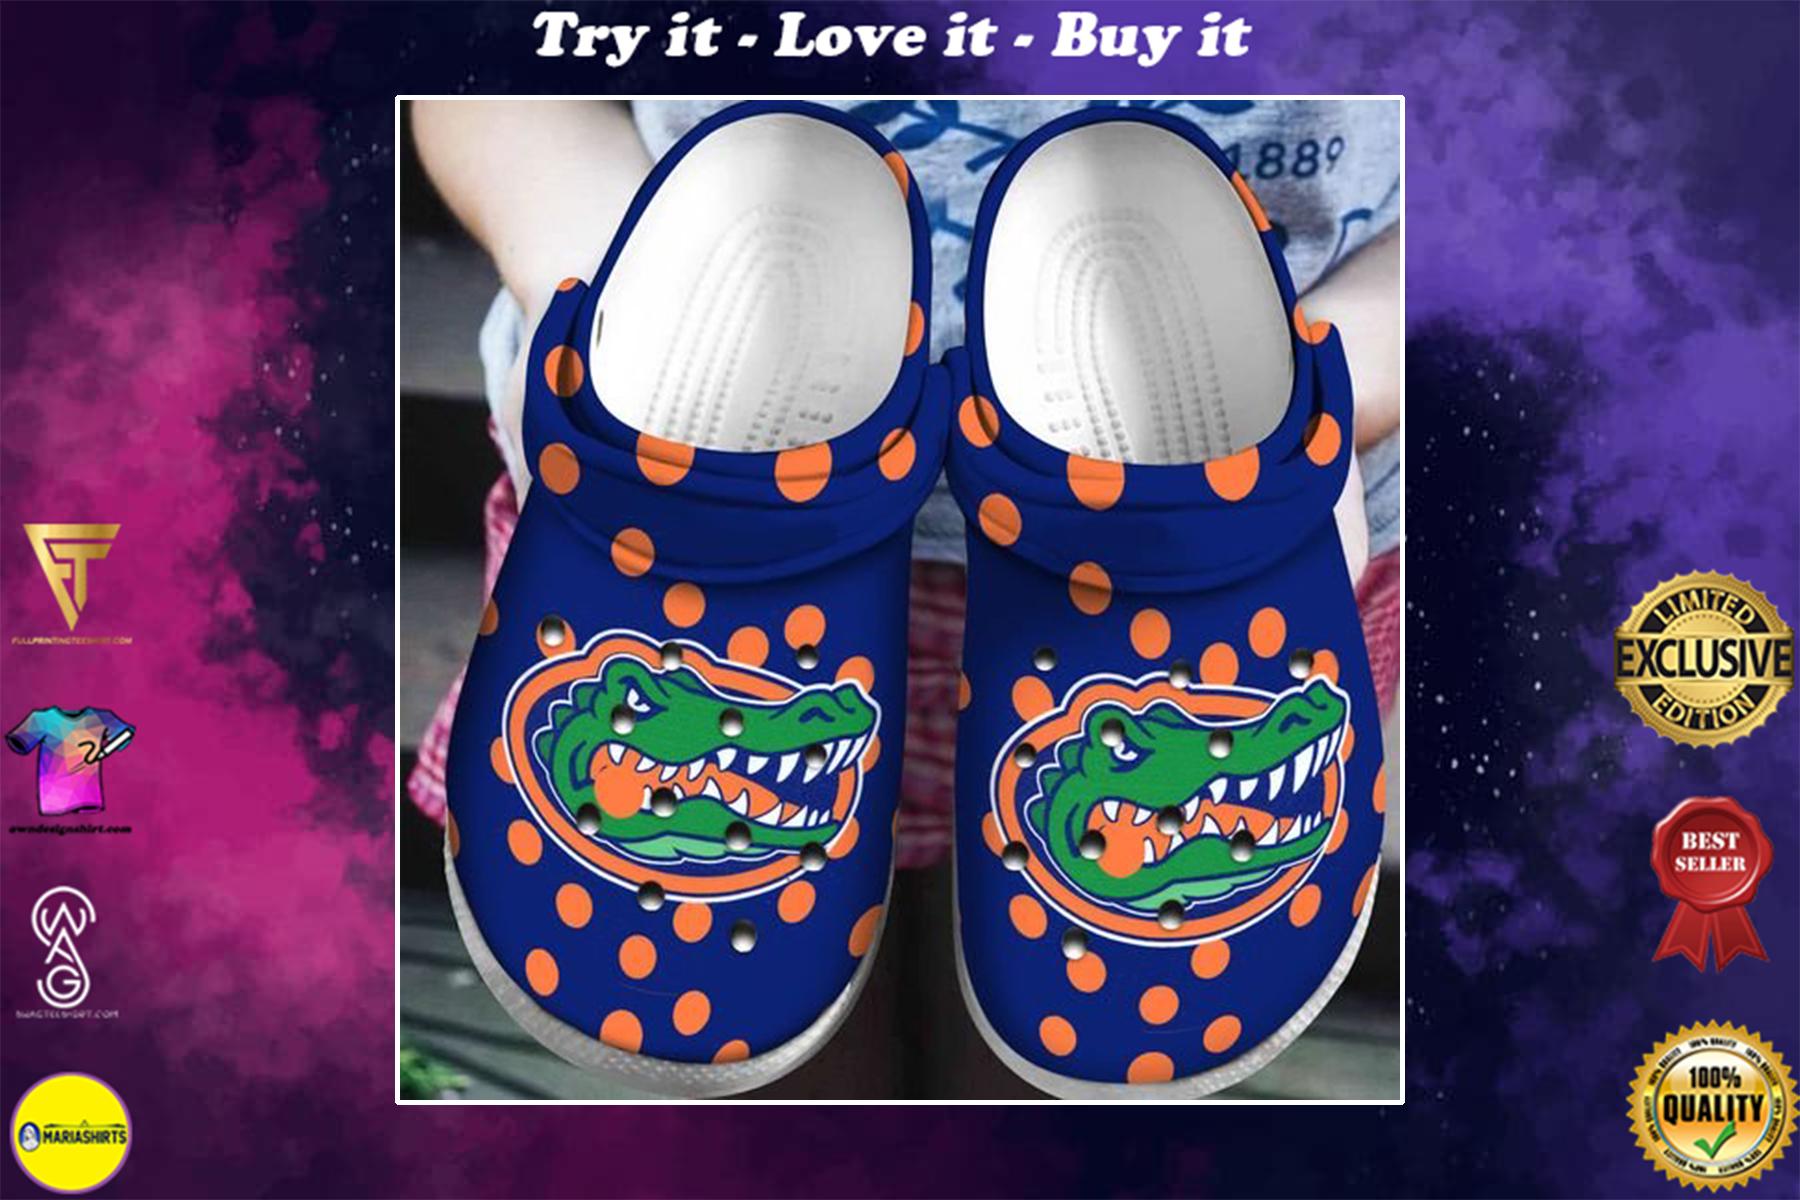 [special edition] crocs american college football florida gators crocs clog - maria